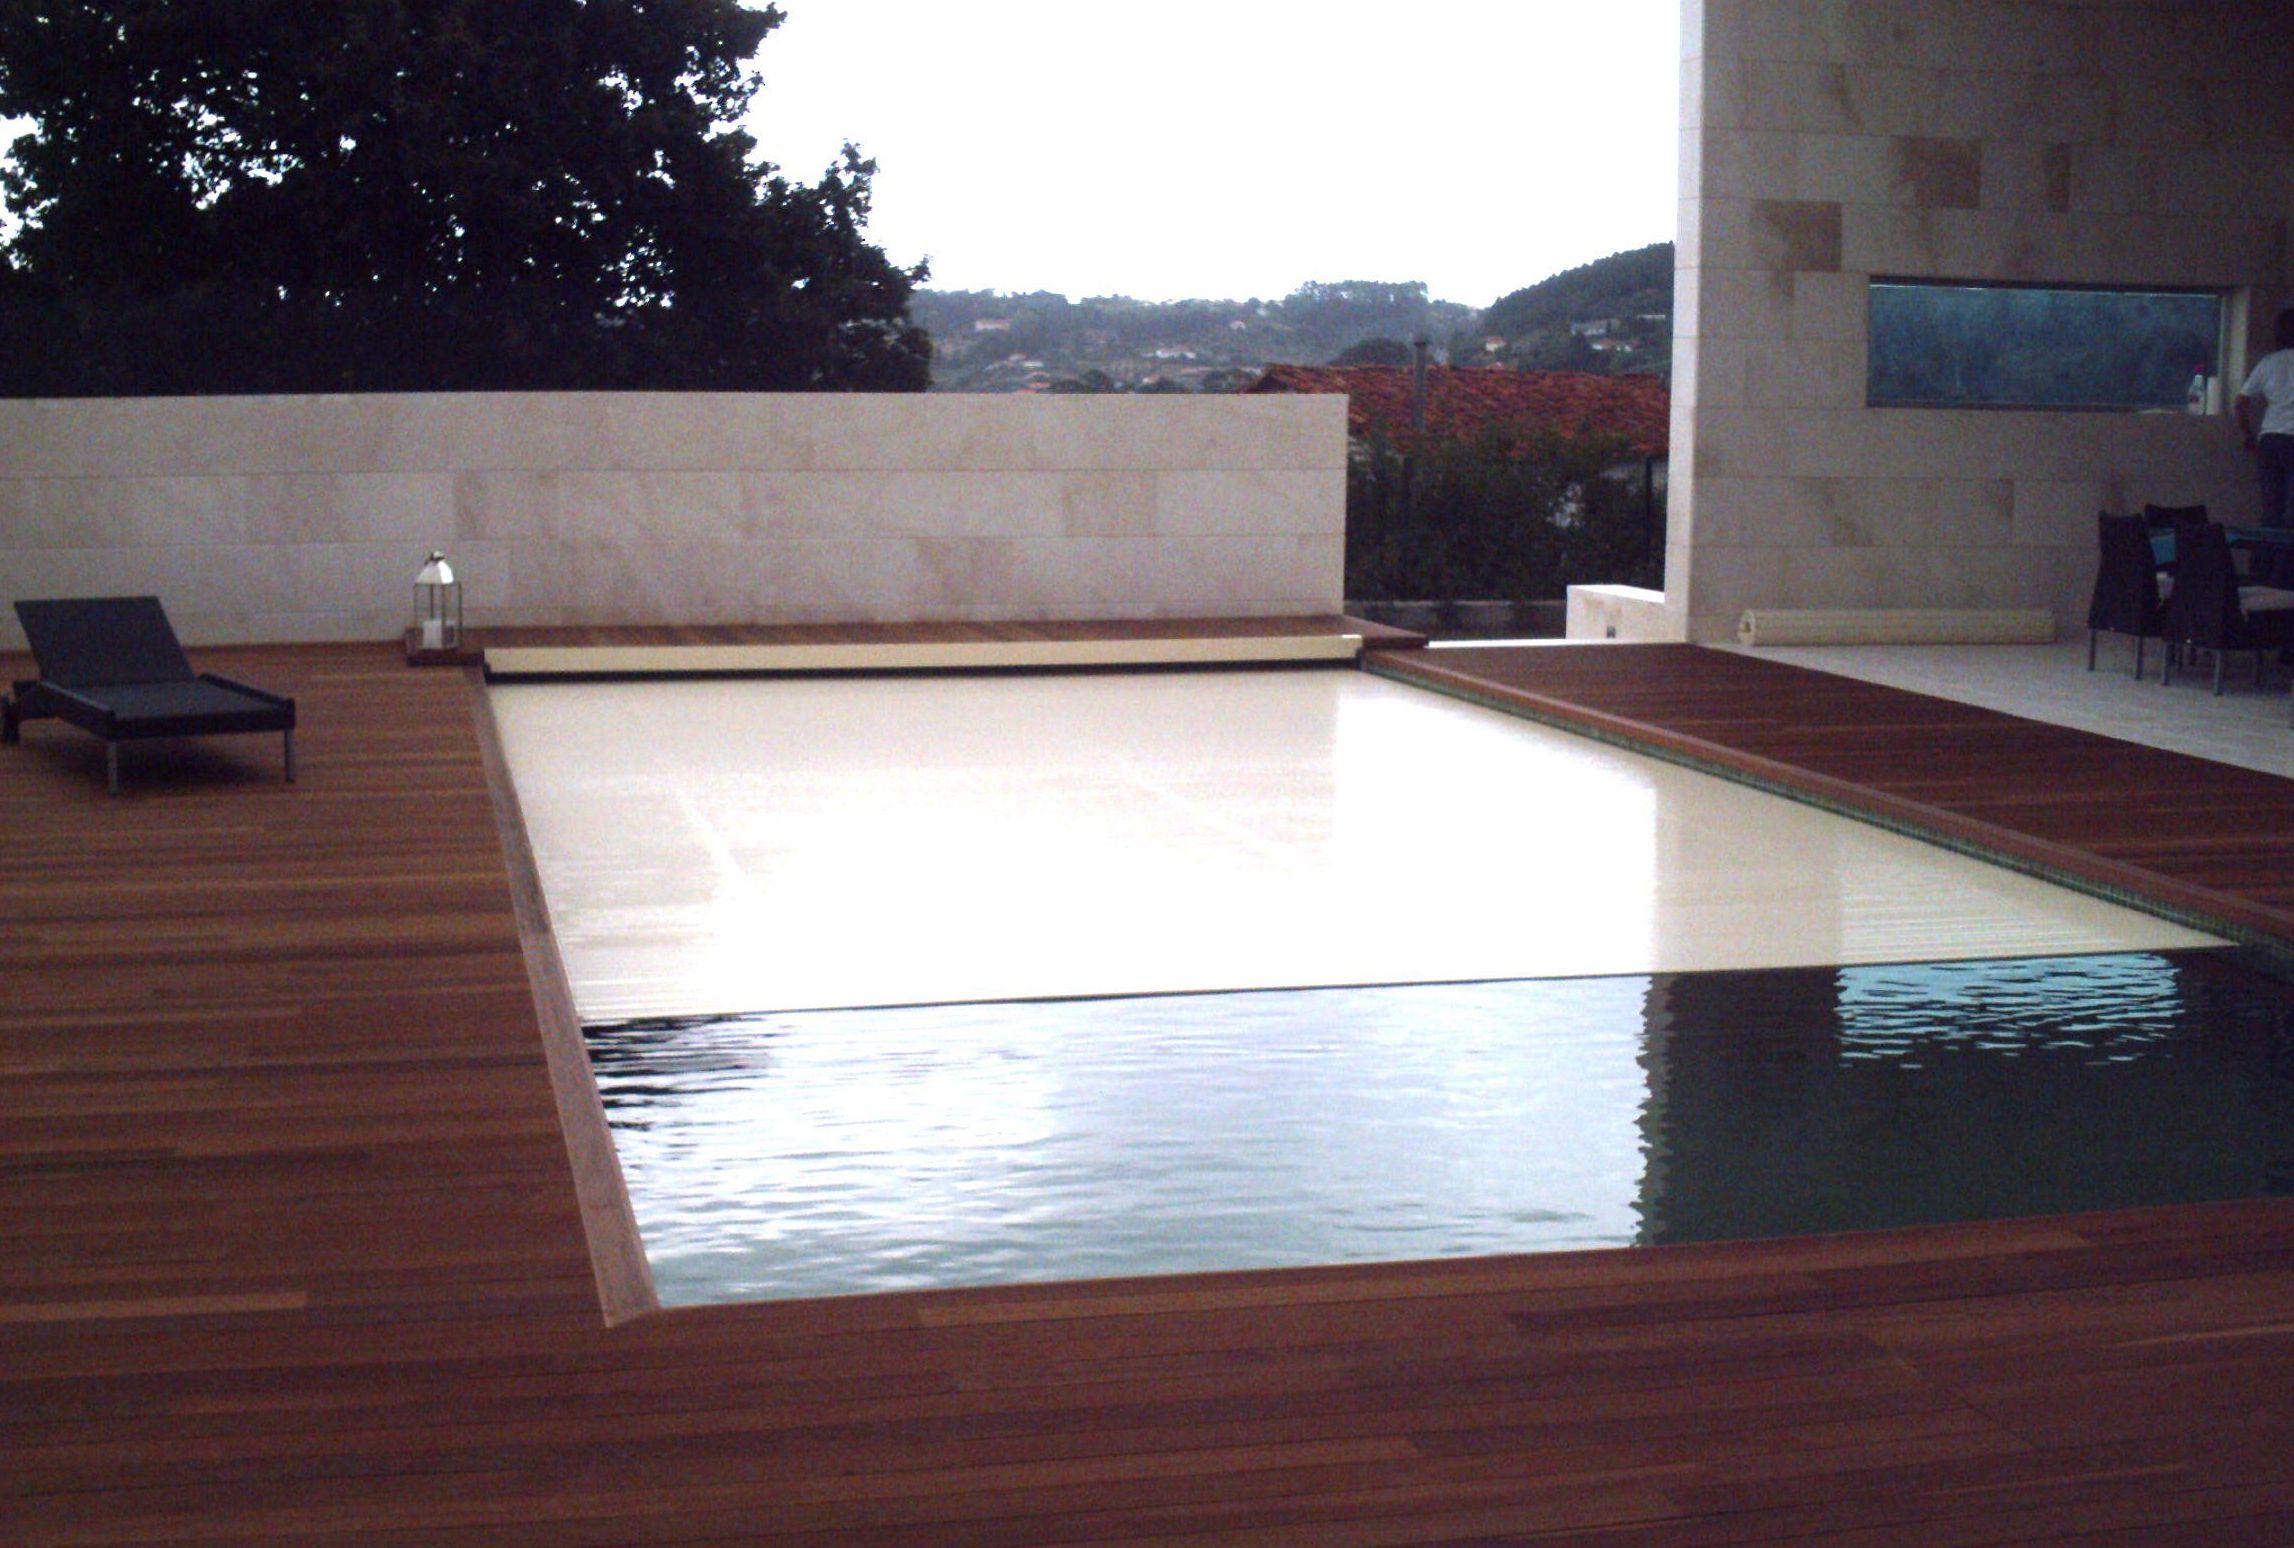 Piscinas de poli ster en asturias aquainstall for Piscinas asturias